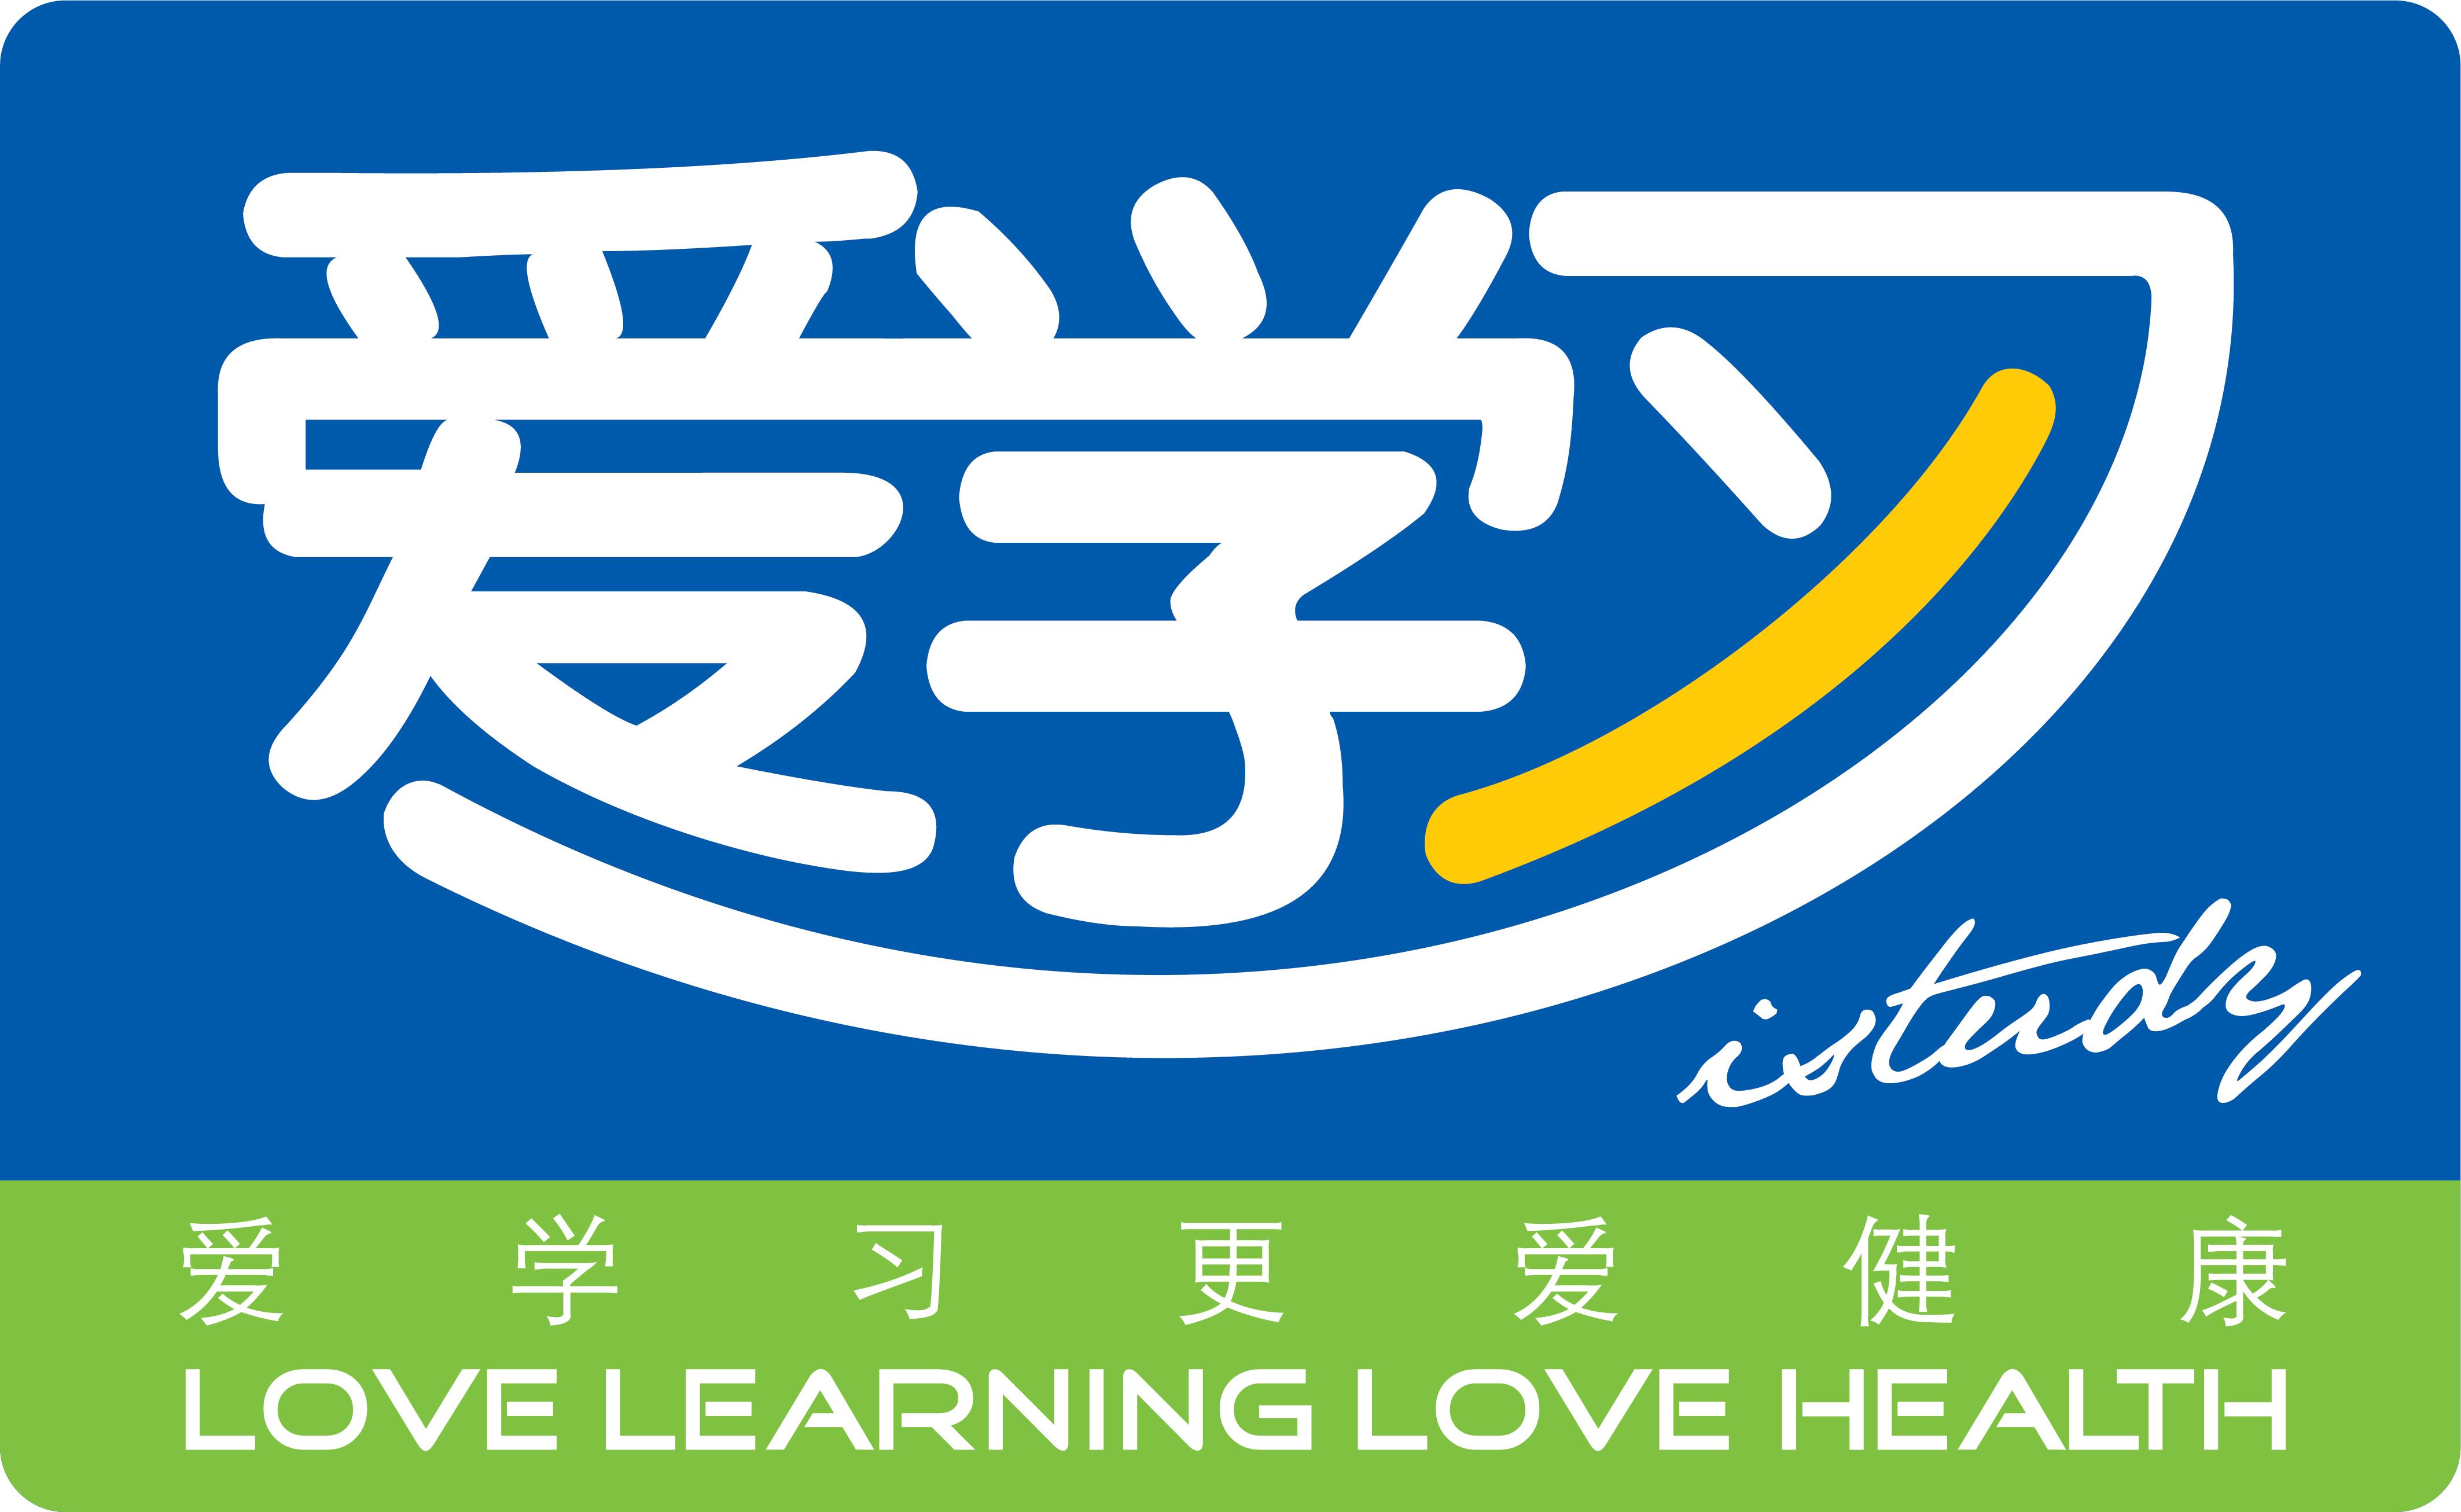 爱学习健康学习桌诚邀加盟